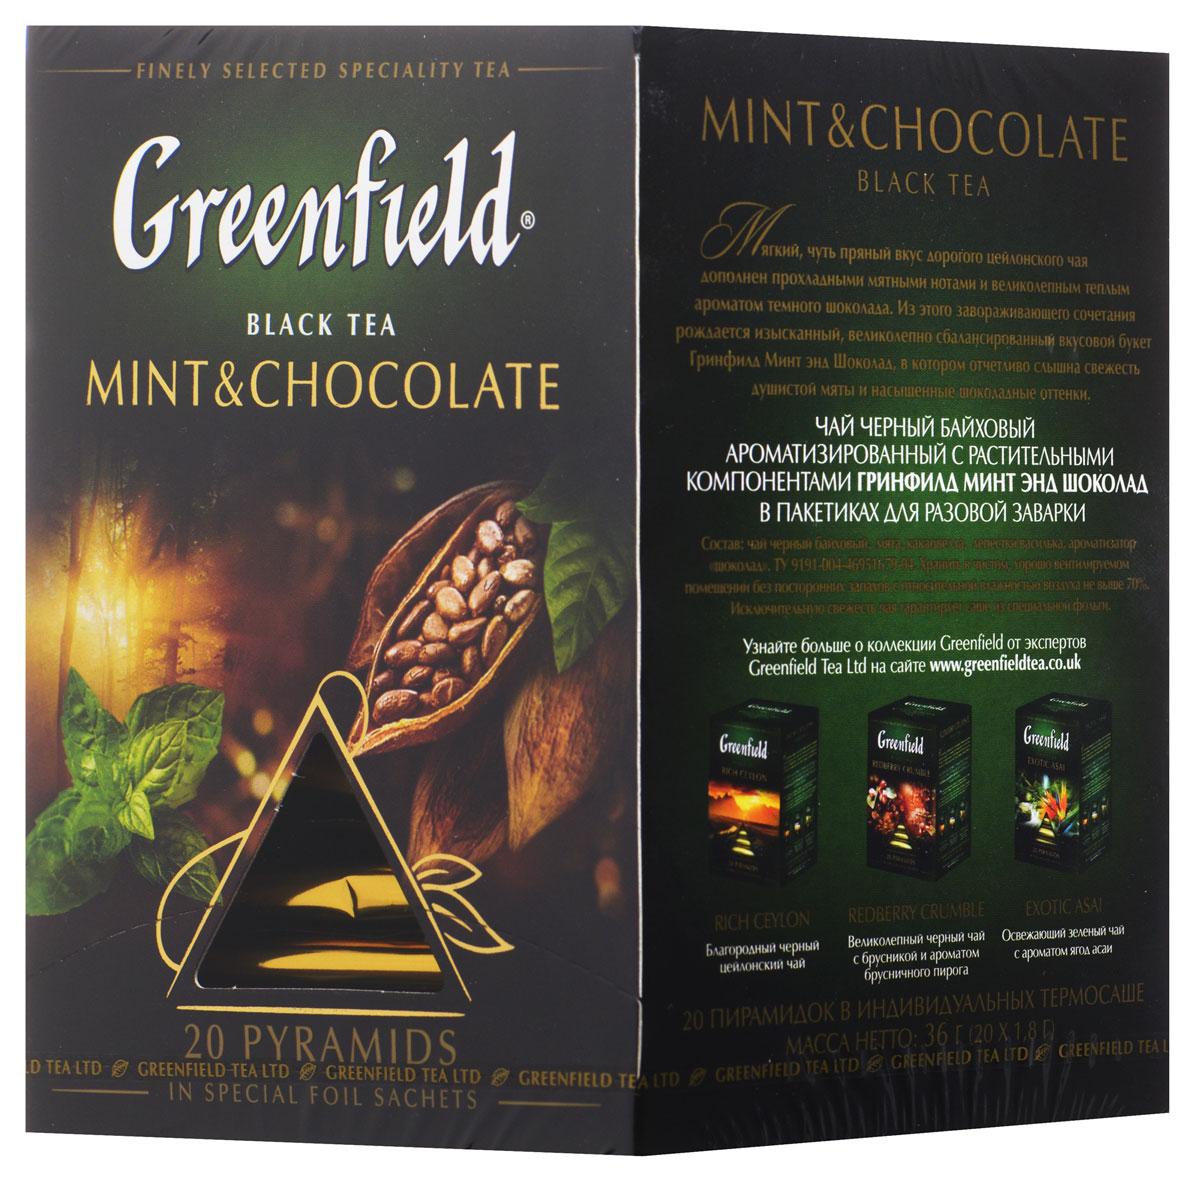 Greenfield Mint & Chocolate черный чай в пирамидках, 20 шт майский корона российской империи черный чай в пирамидках 20 шт